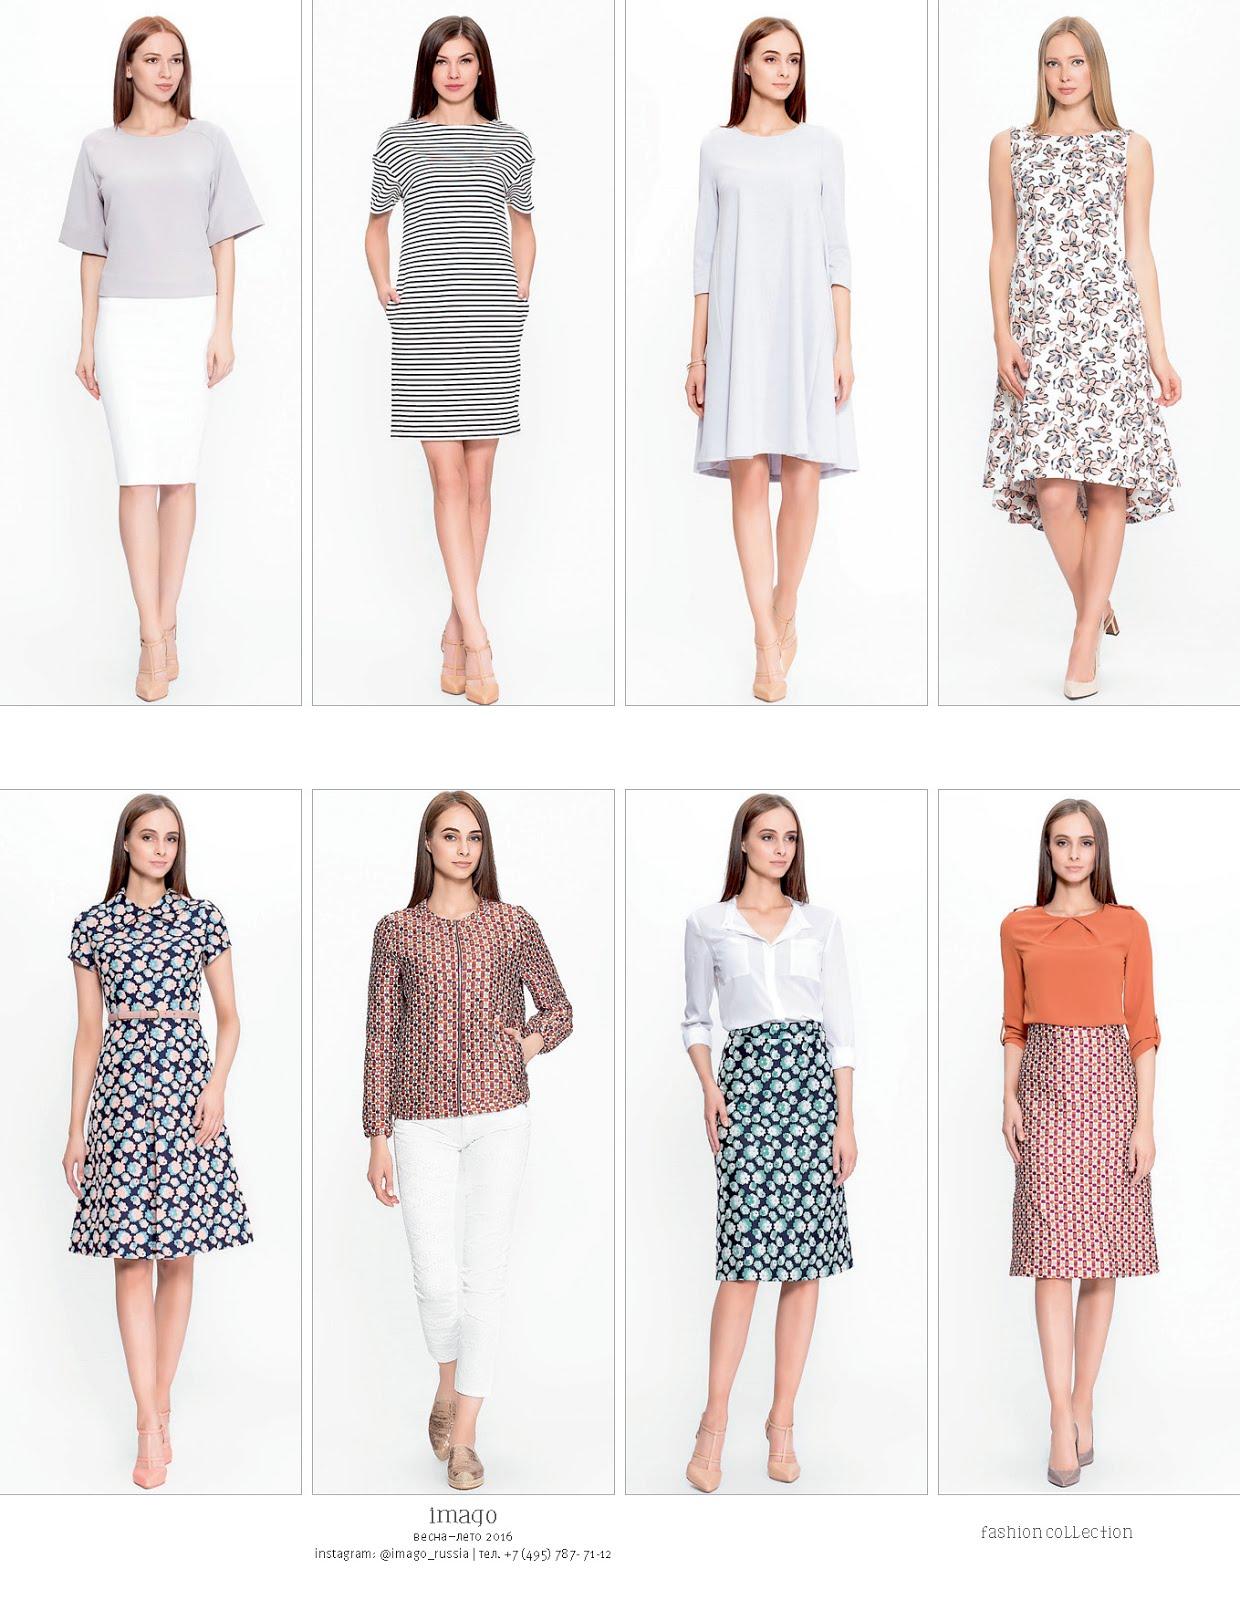 модная женская одежда. Тренды осени 2016